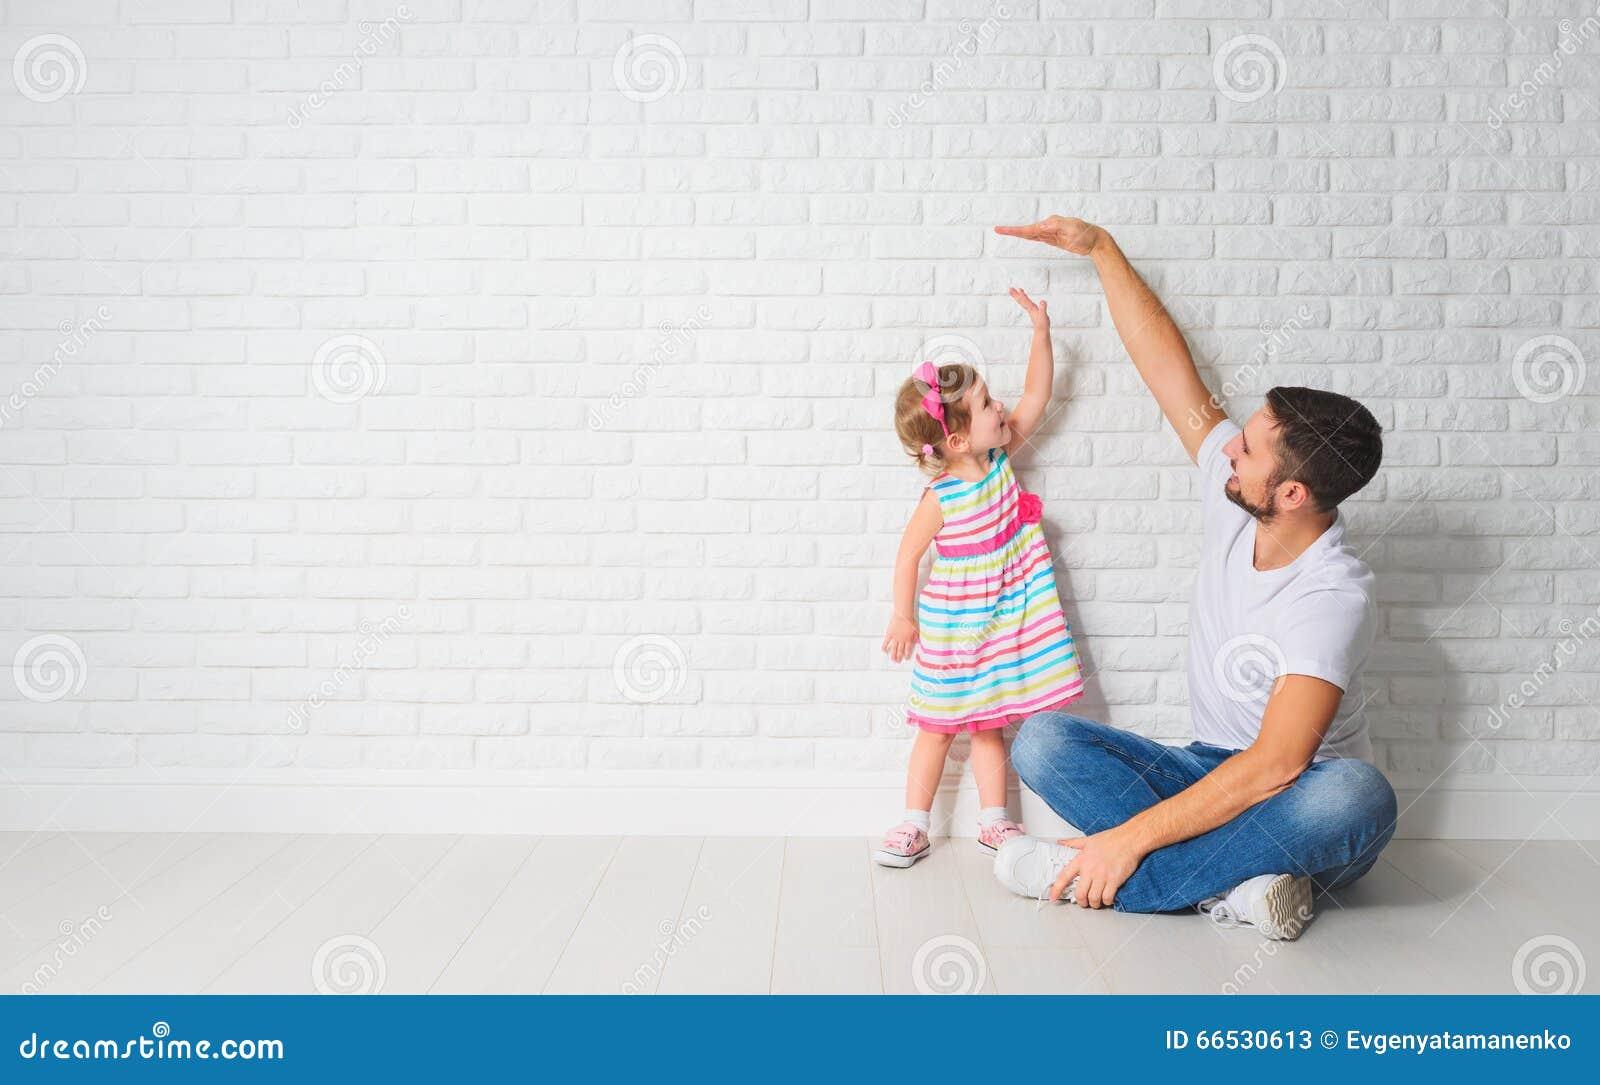 Concept Le papa mesure la croissance de sa fille d enfant à un mur